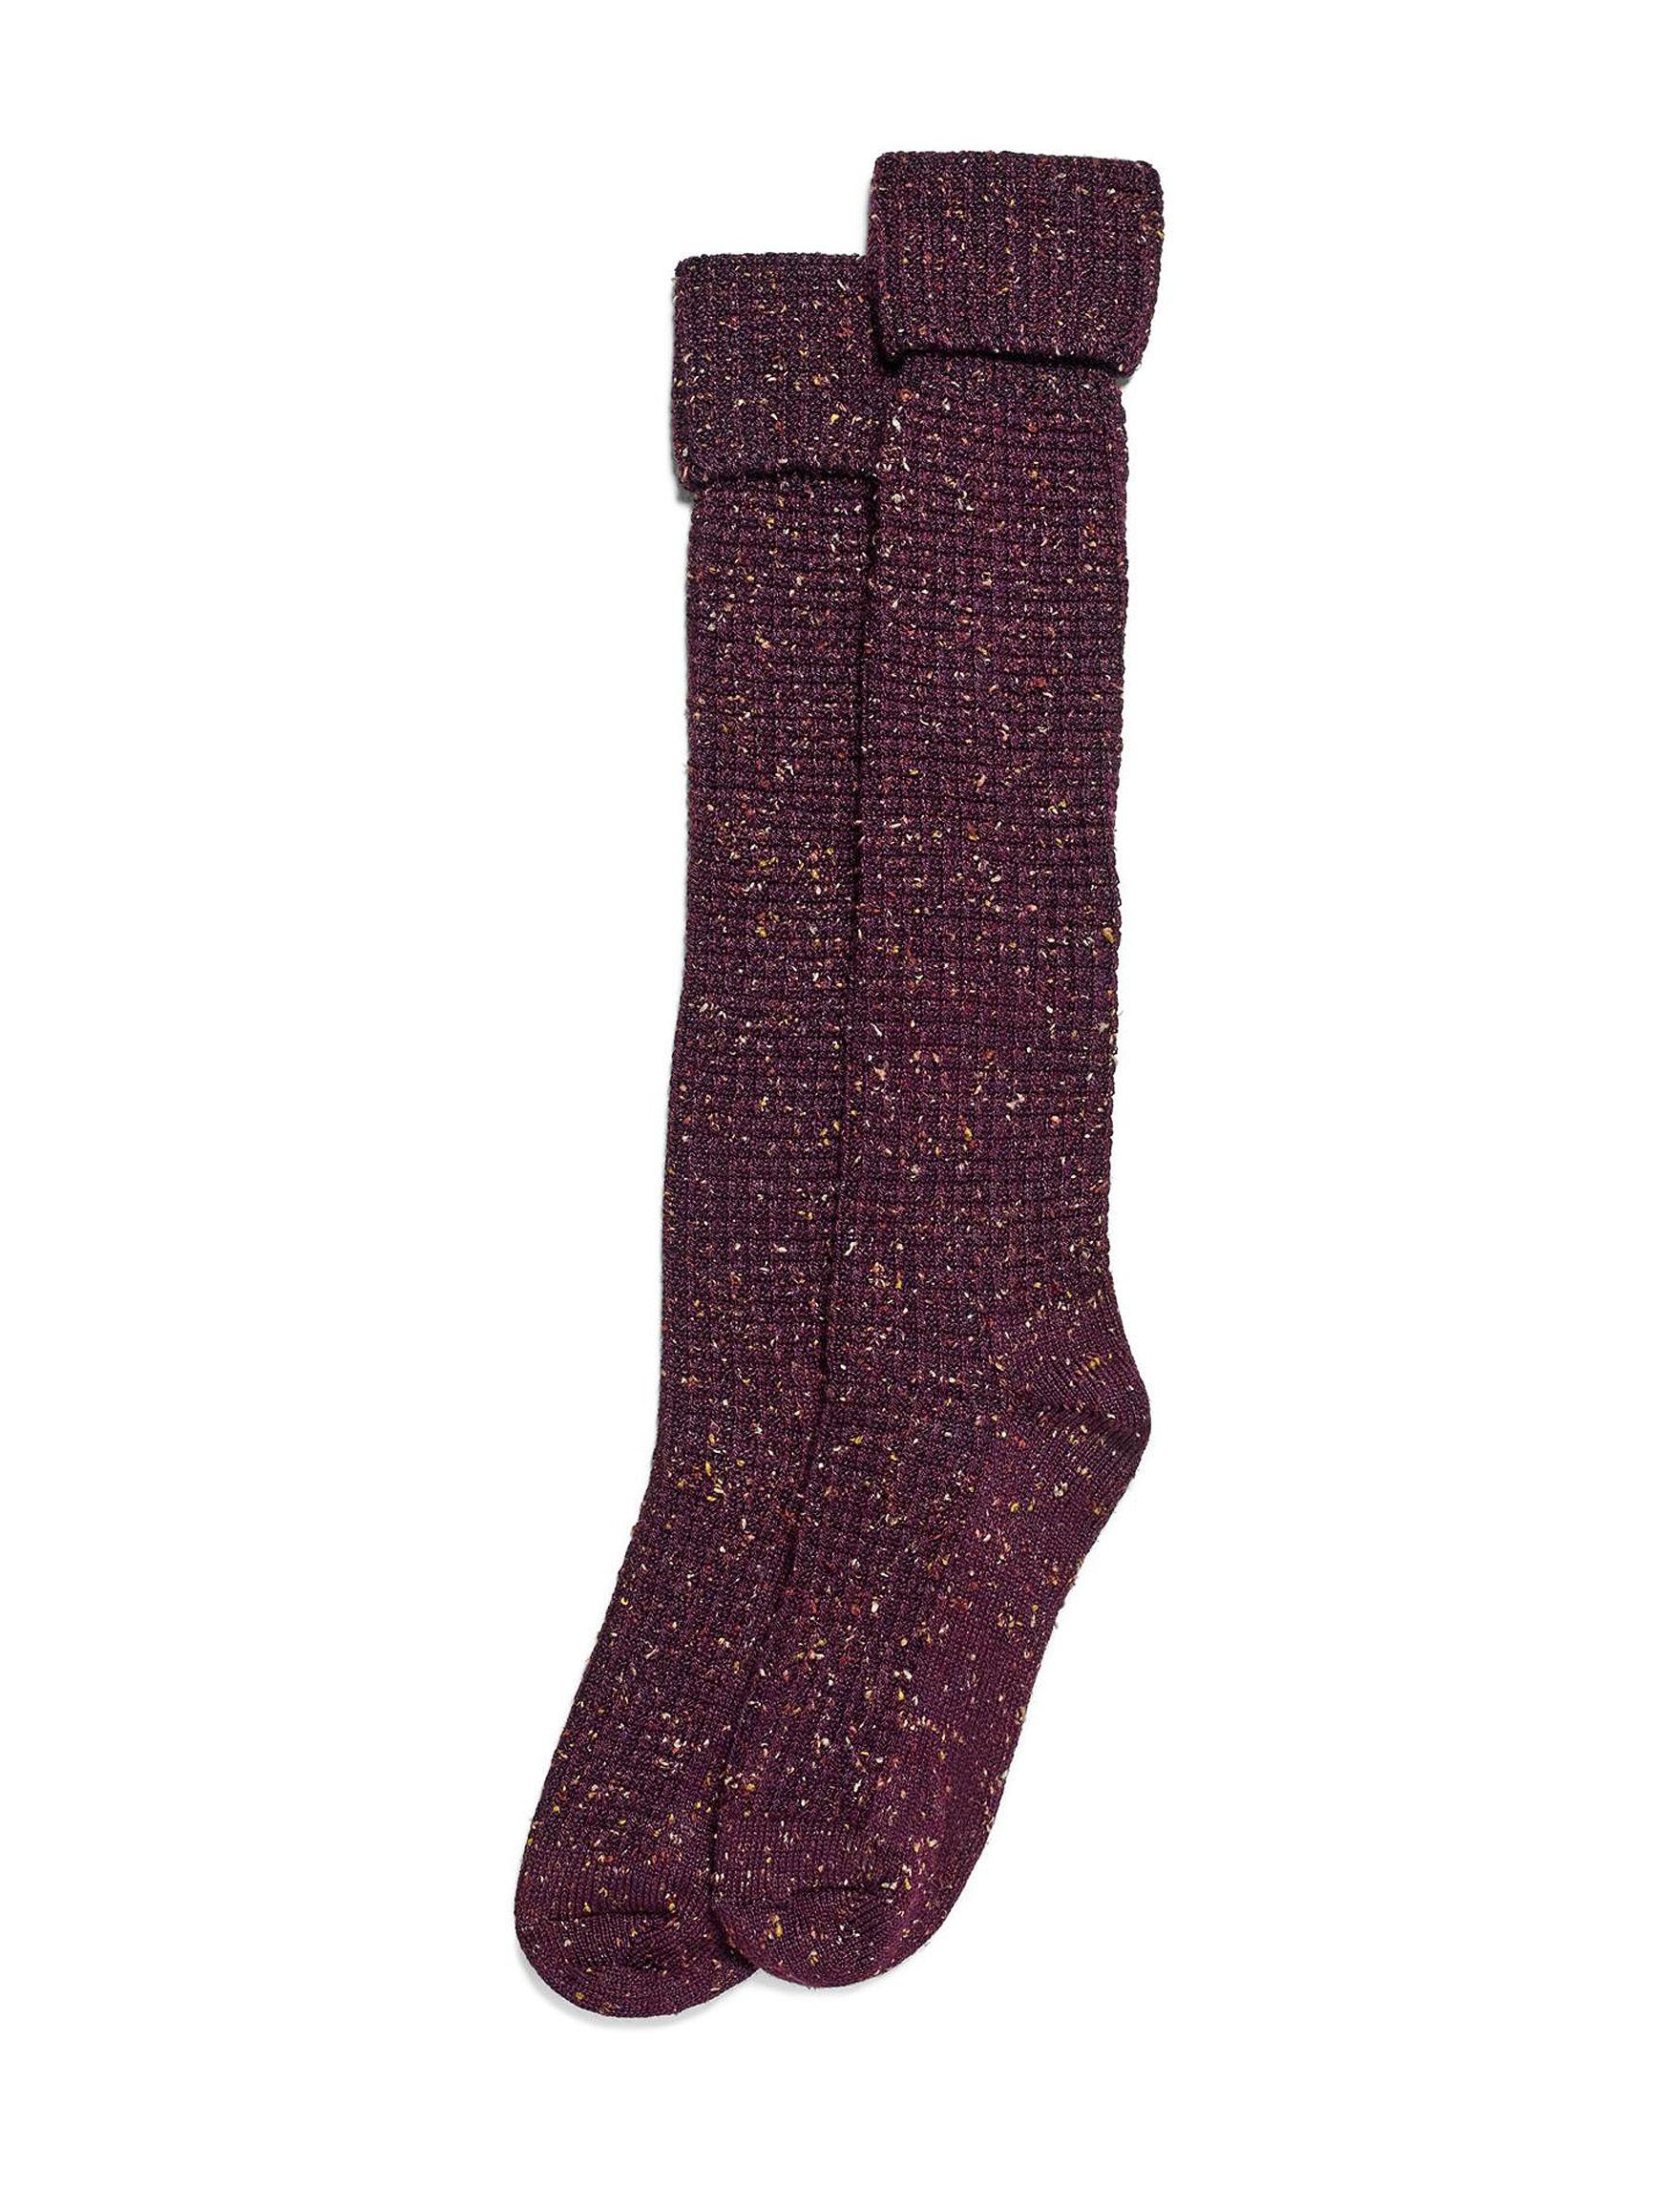 Hue Burgundy Socks